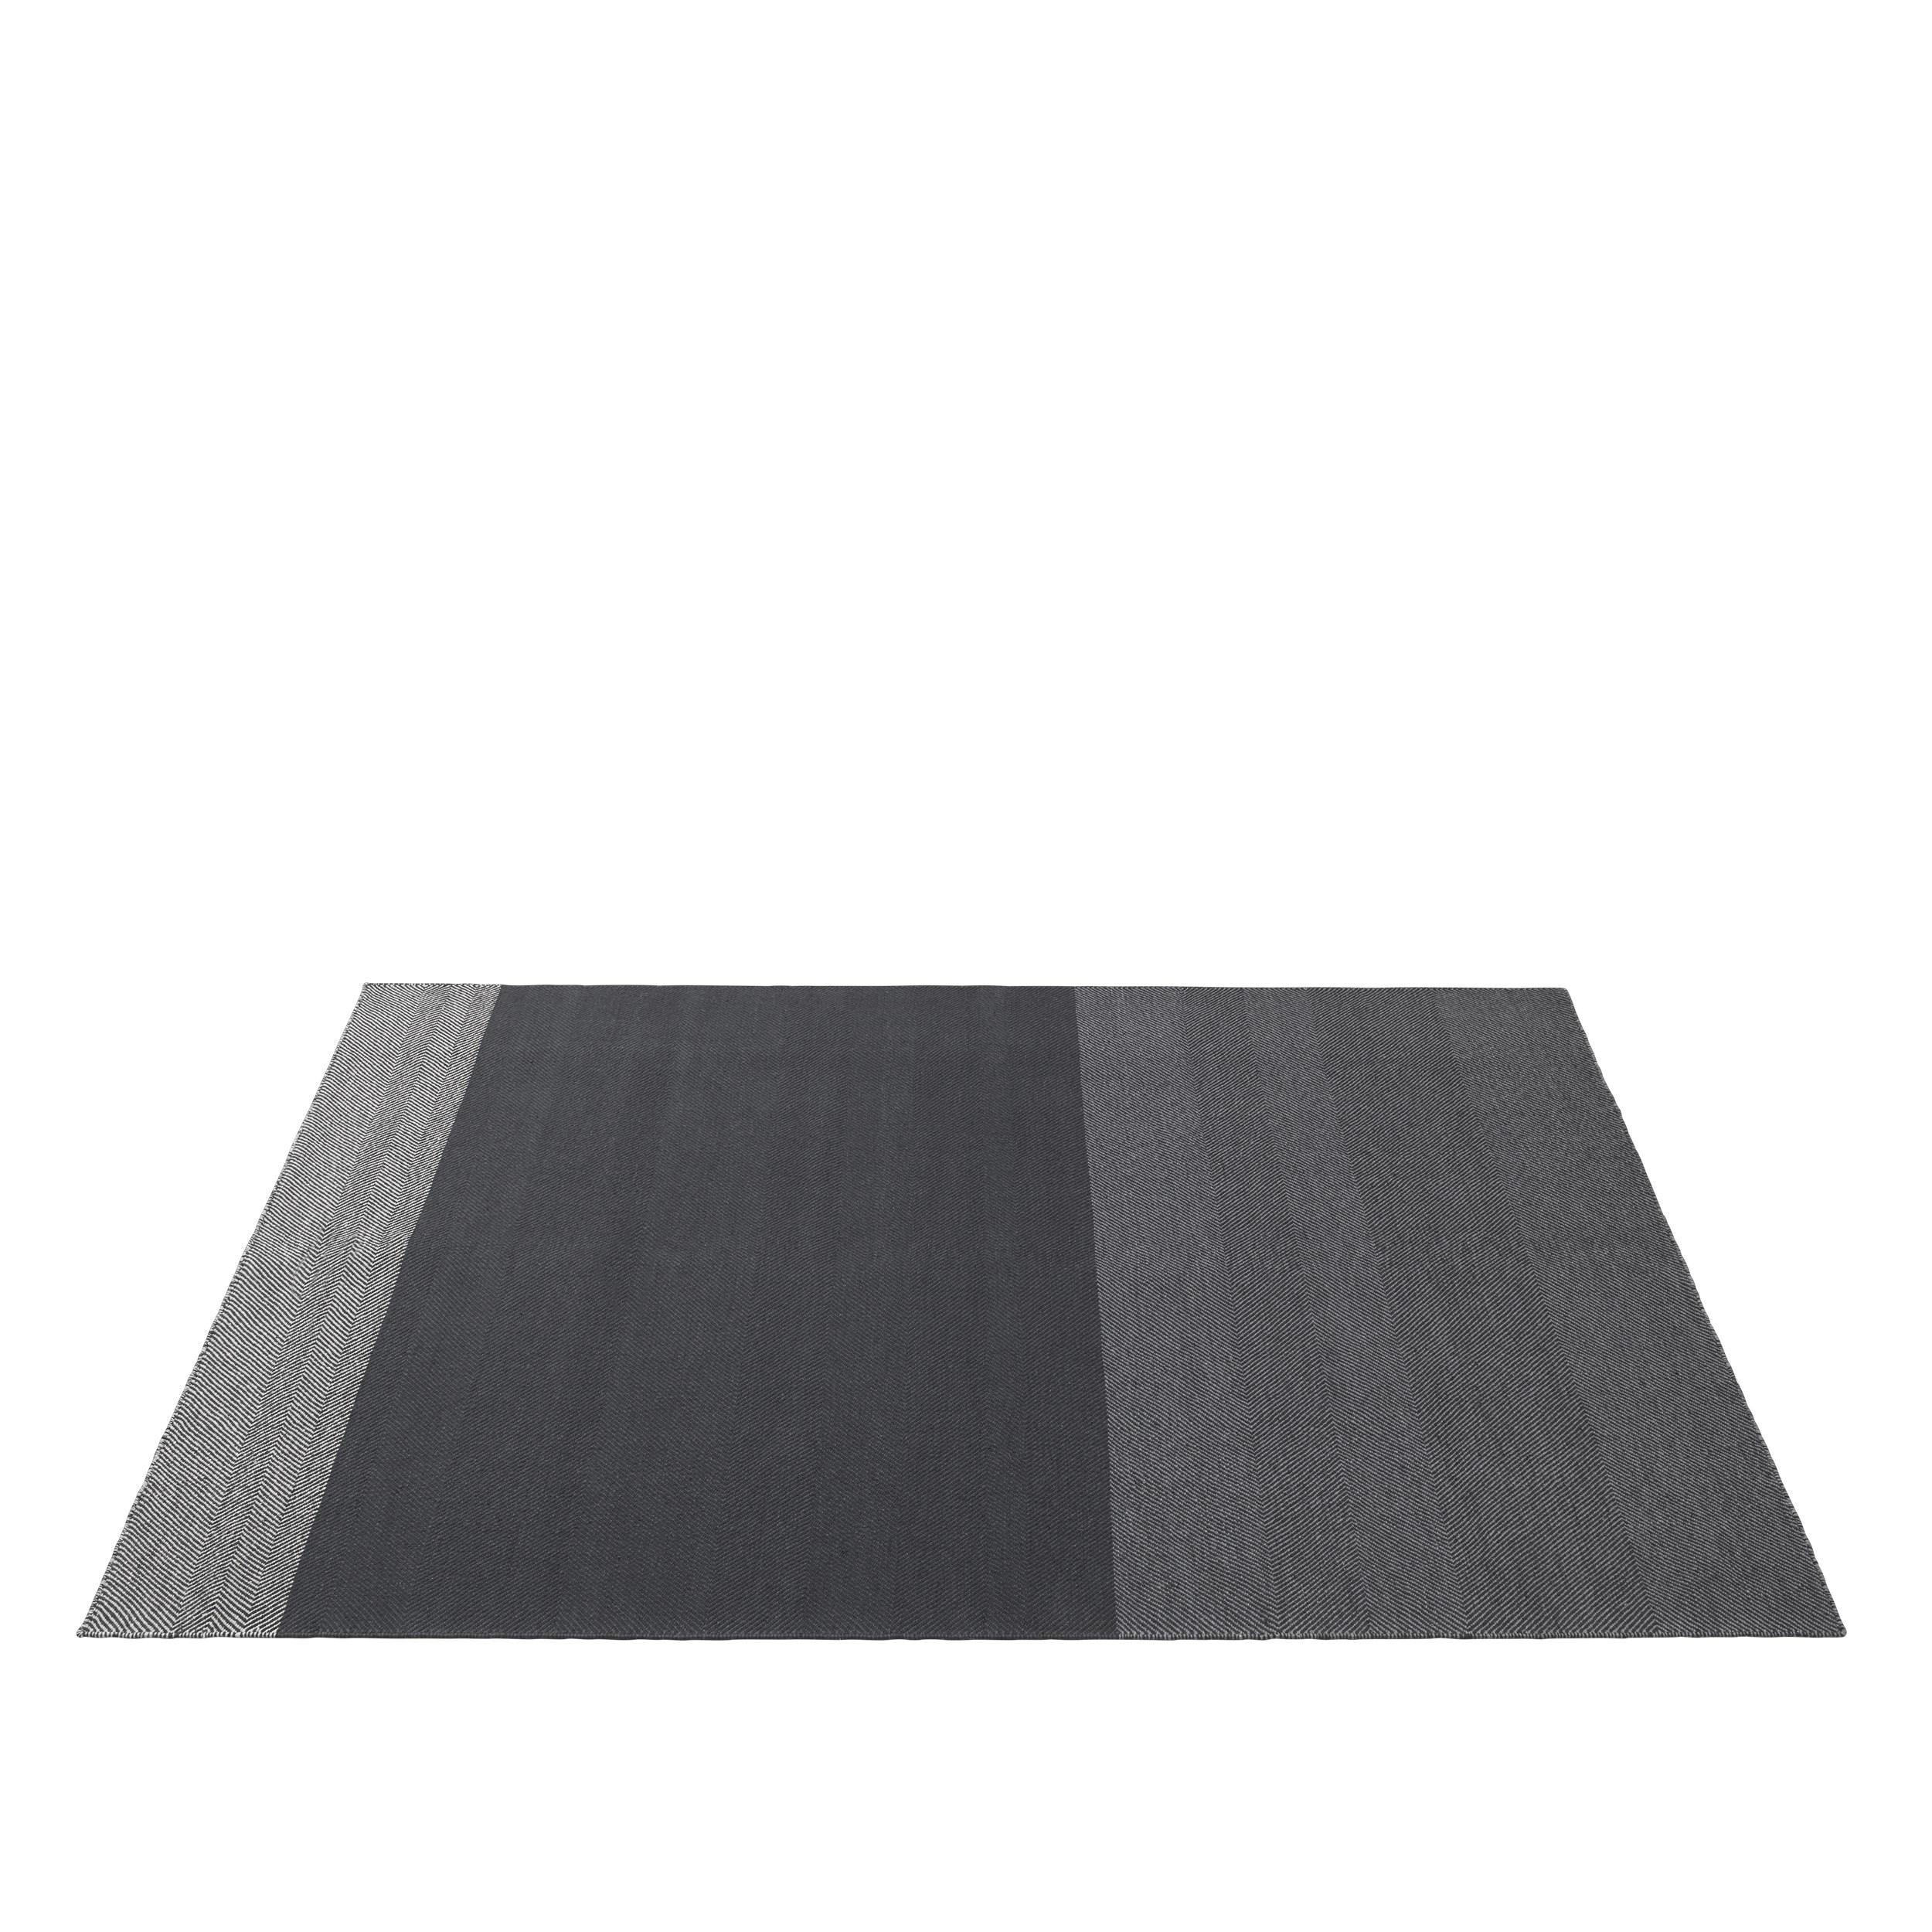 Varjo rug 200 x 300 dark grey